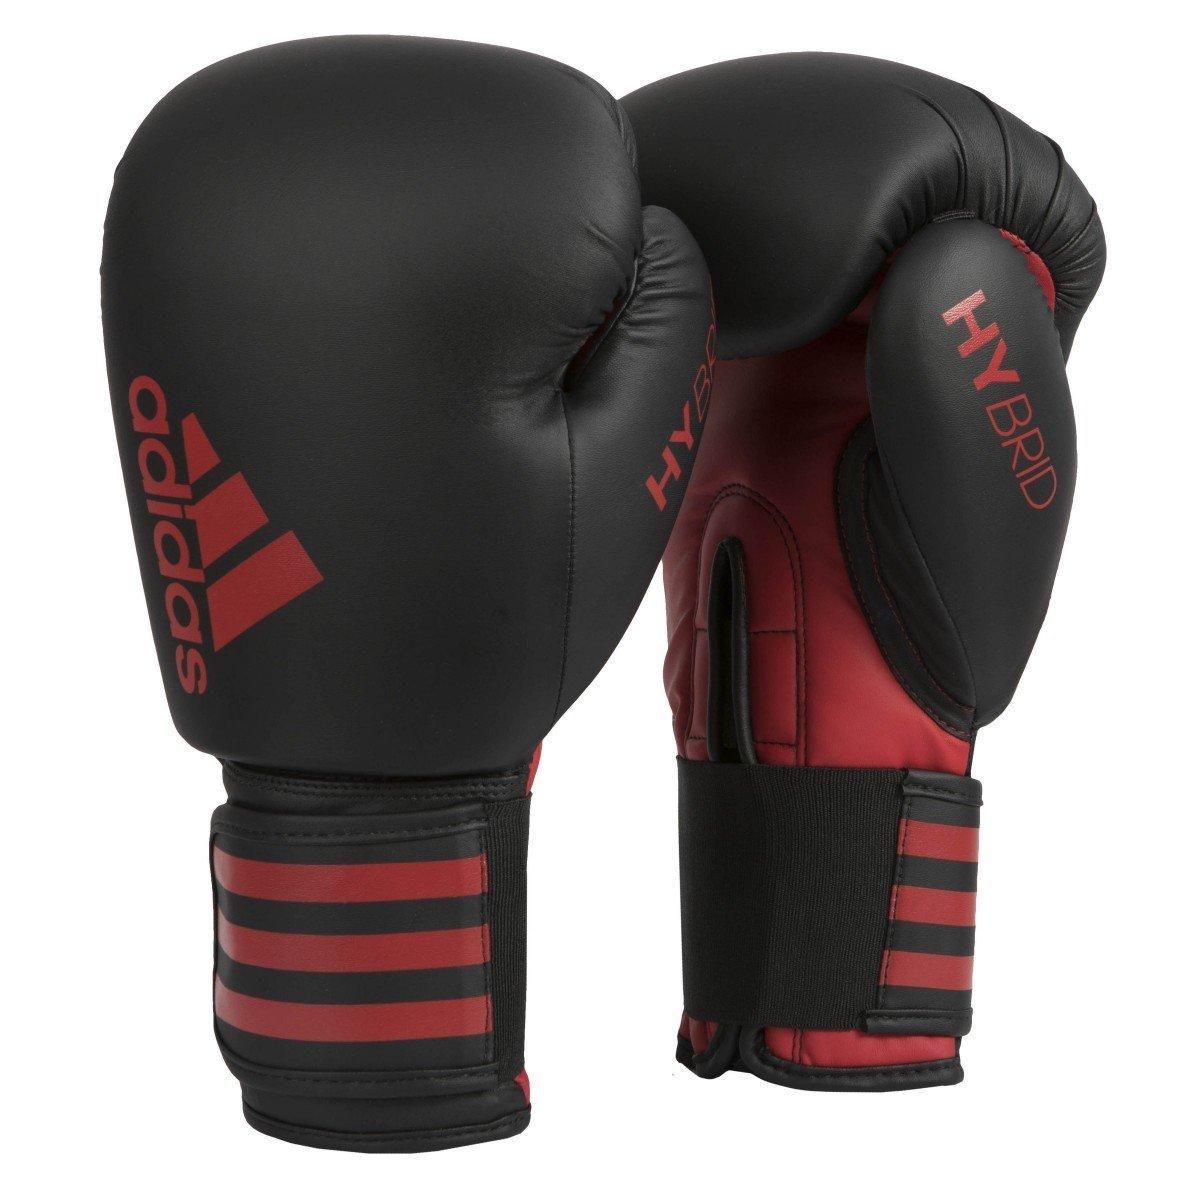 Gants de boxe Adidas hybrid 50